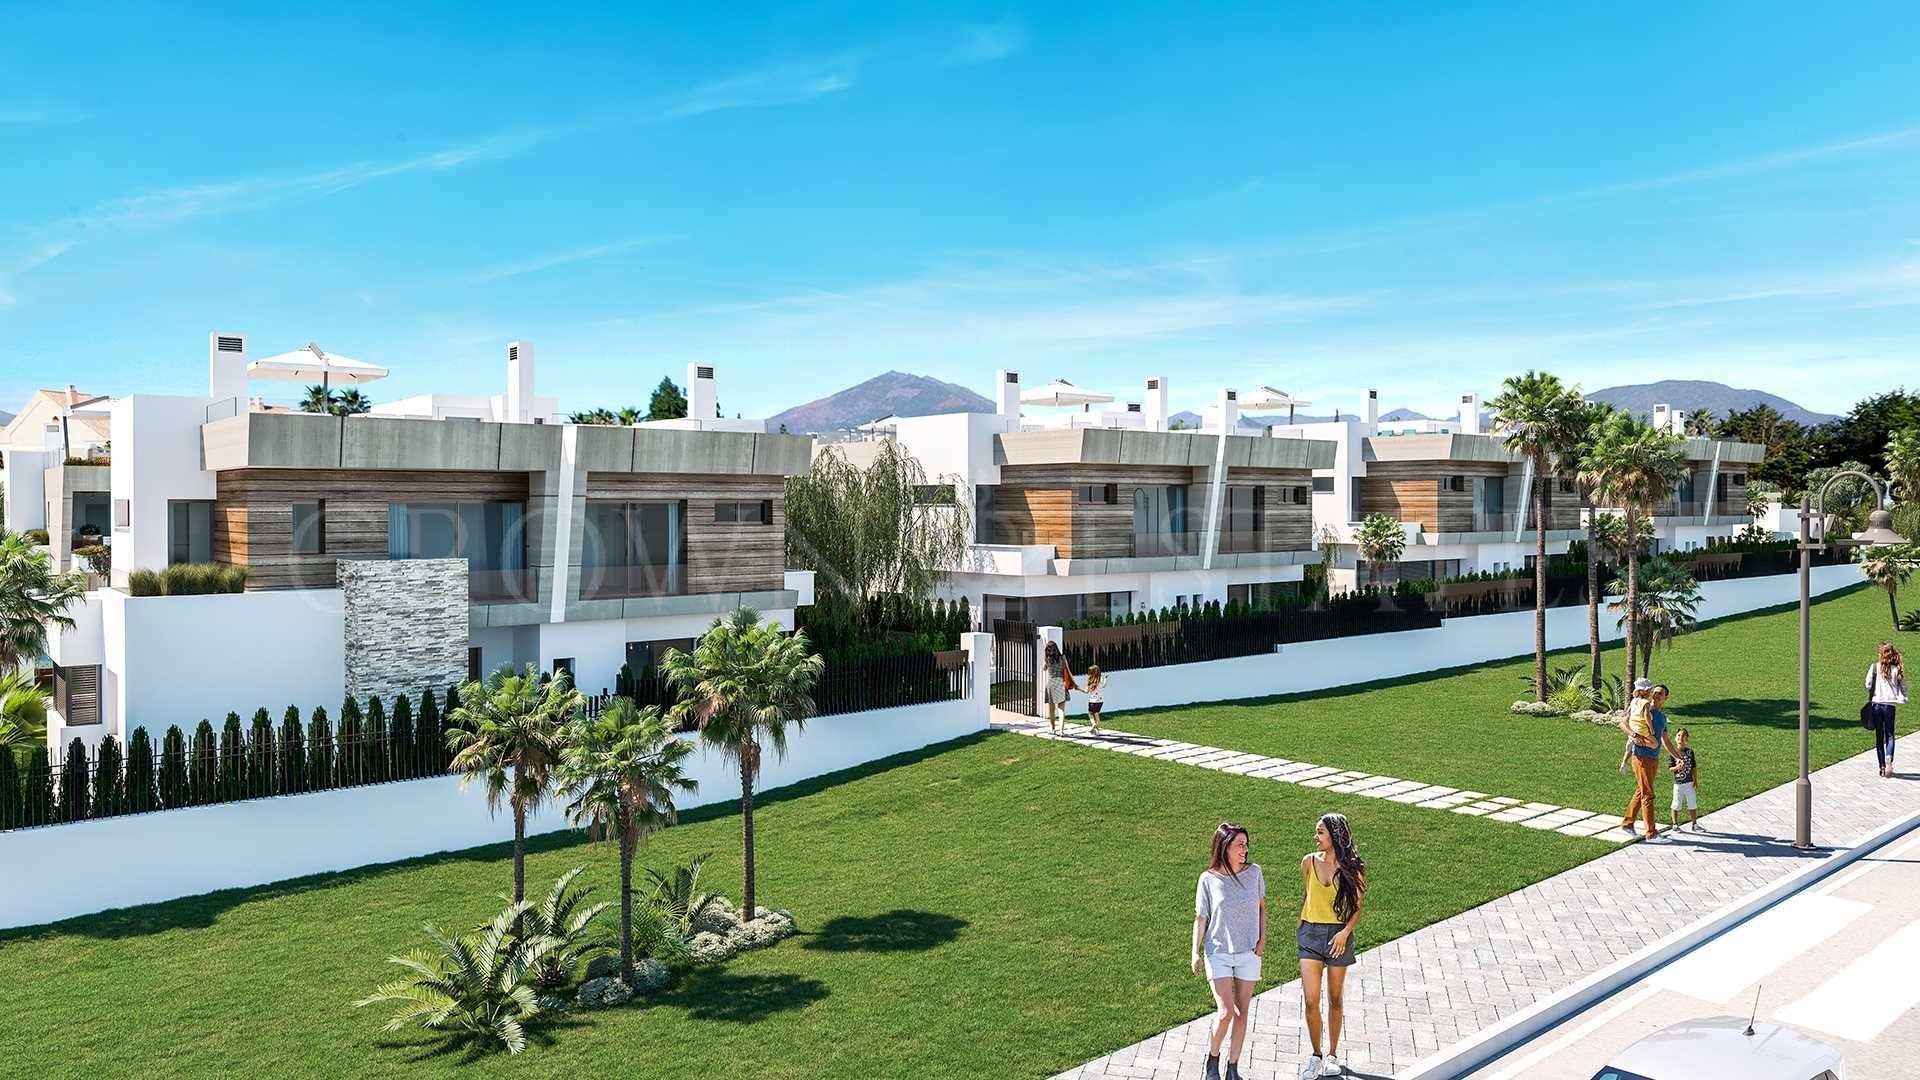 Puerto Banús Beachside modern semidetached villas